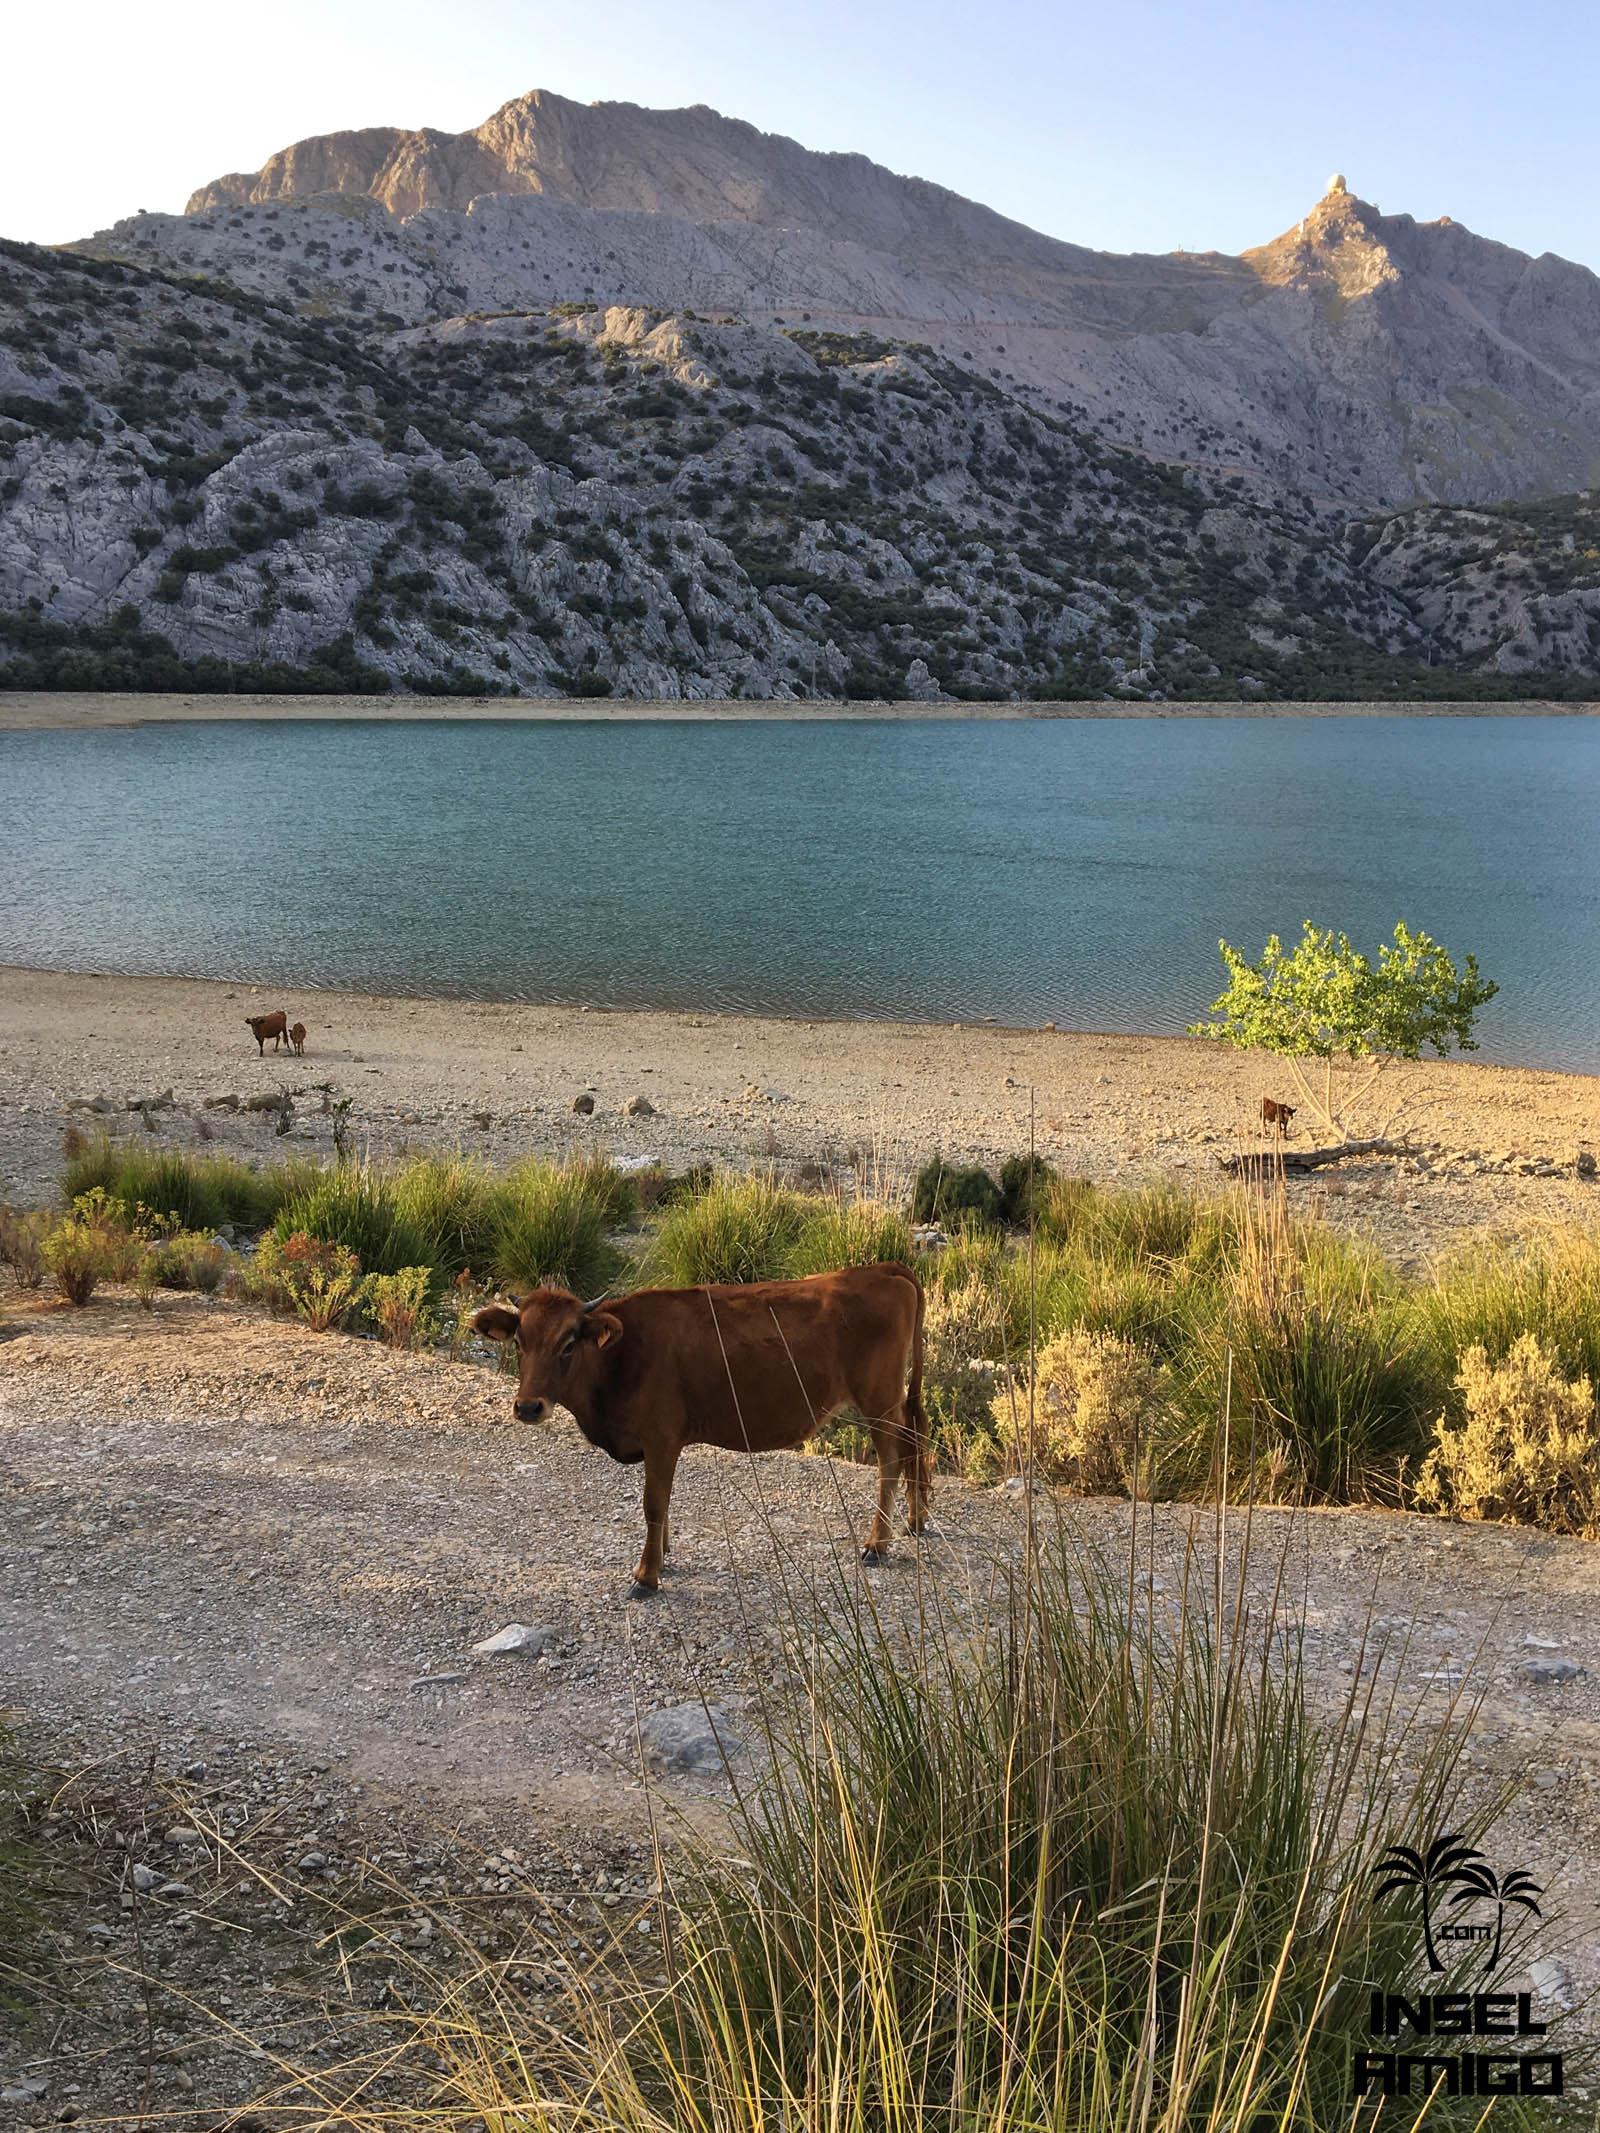 Hier gibt es viele Tiere wie z.B. Esel und Kühe antreffen